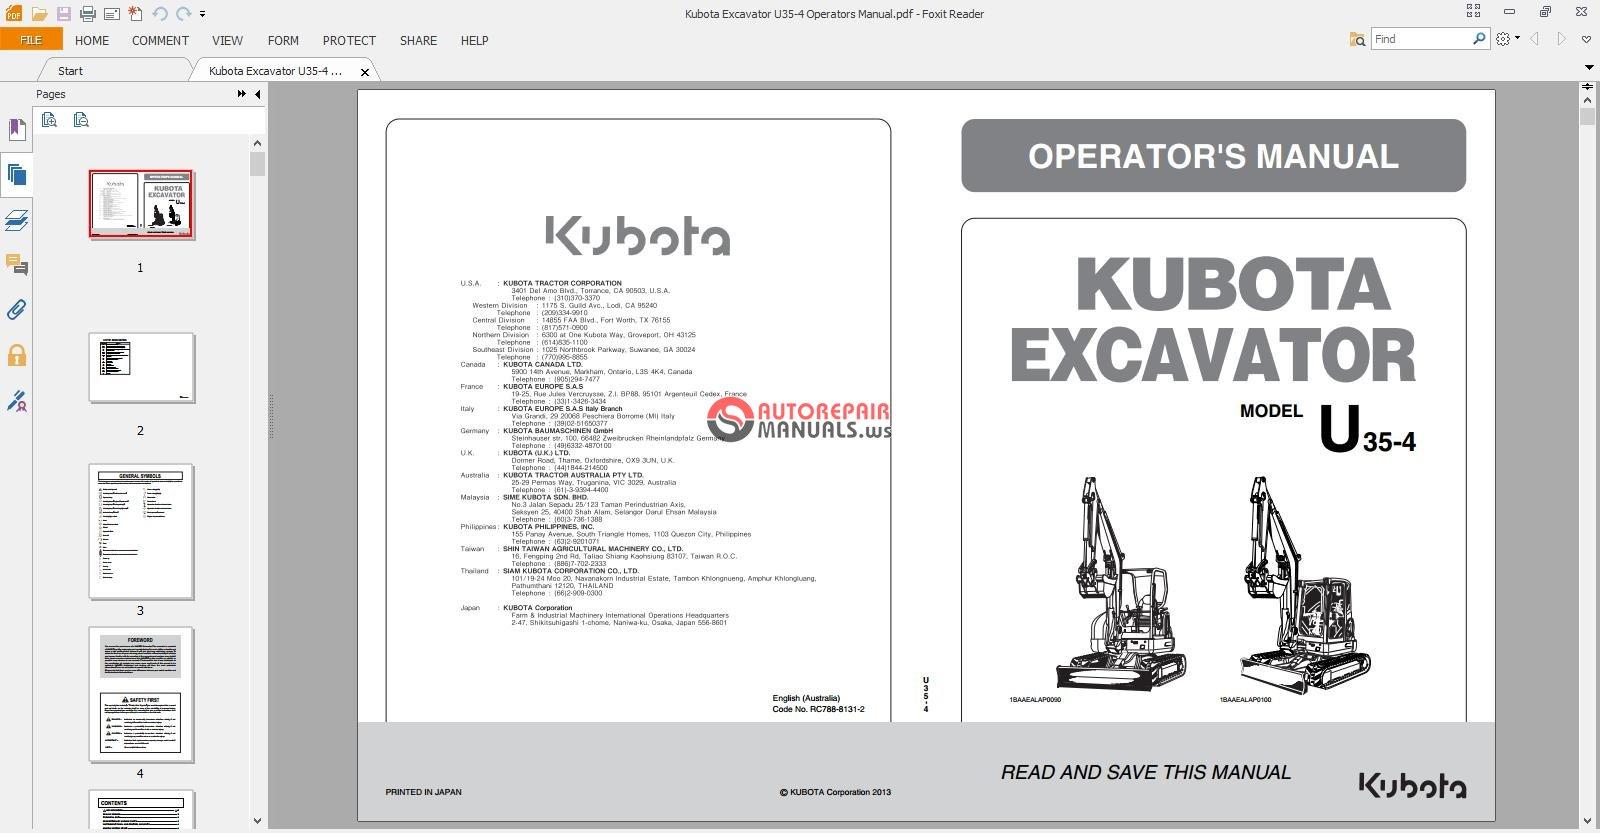 Kubota Excavator U35-4 Operators Manual.jpg